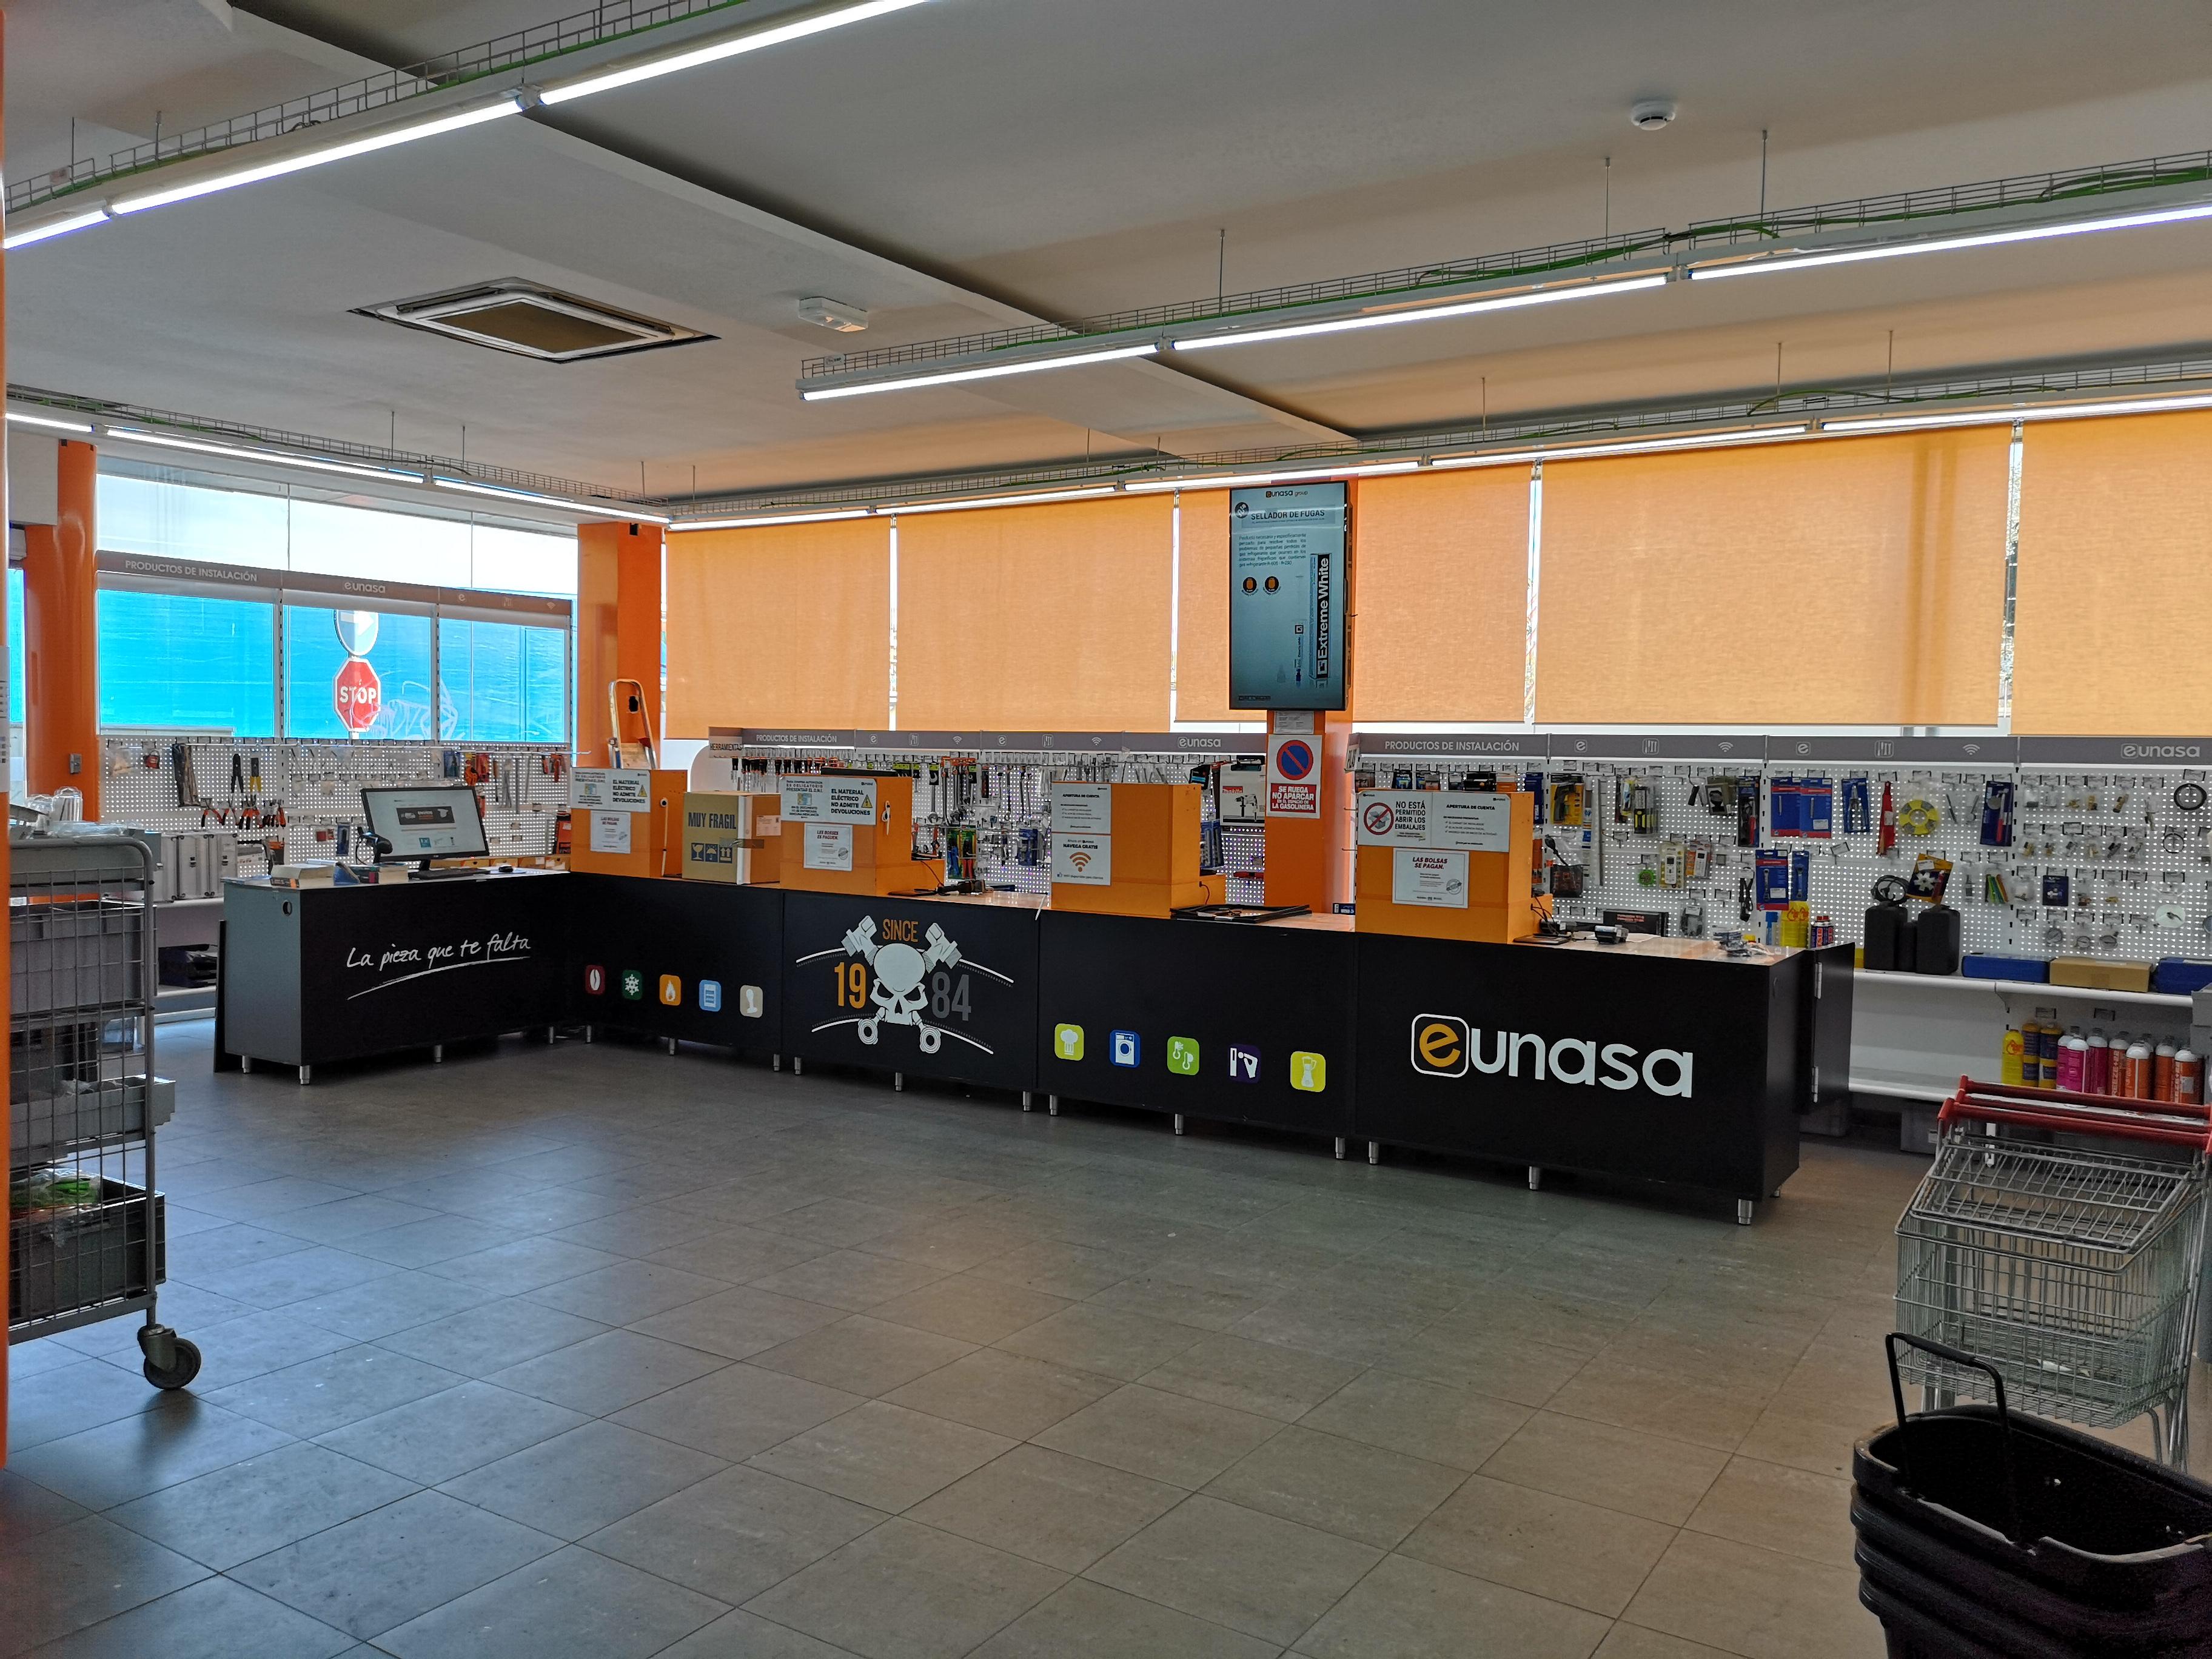 IMAGE NEWS AMPLIACIÓN 3 - Ampliación de tienda Barcelona y almacén regulador